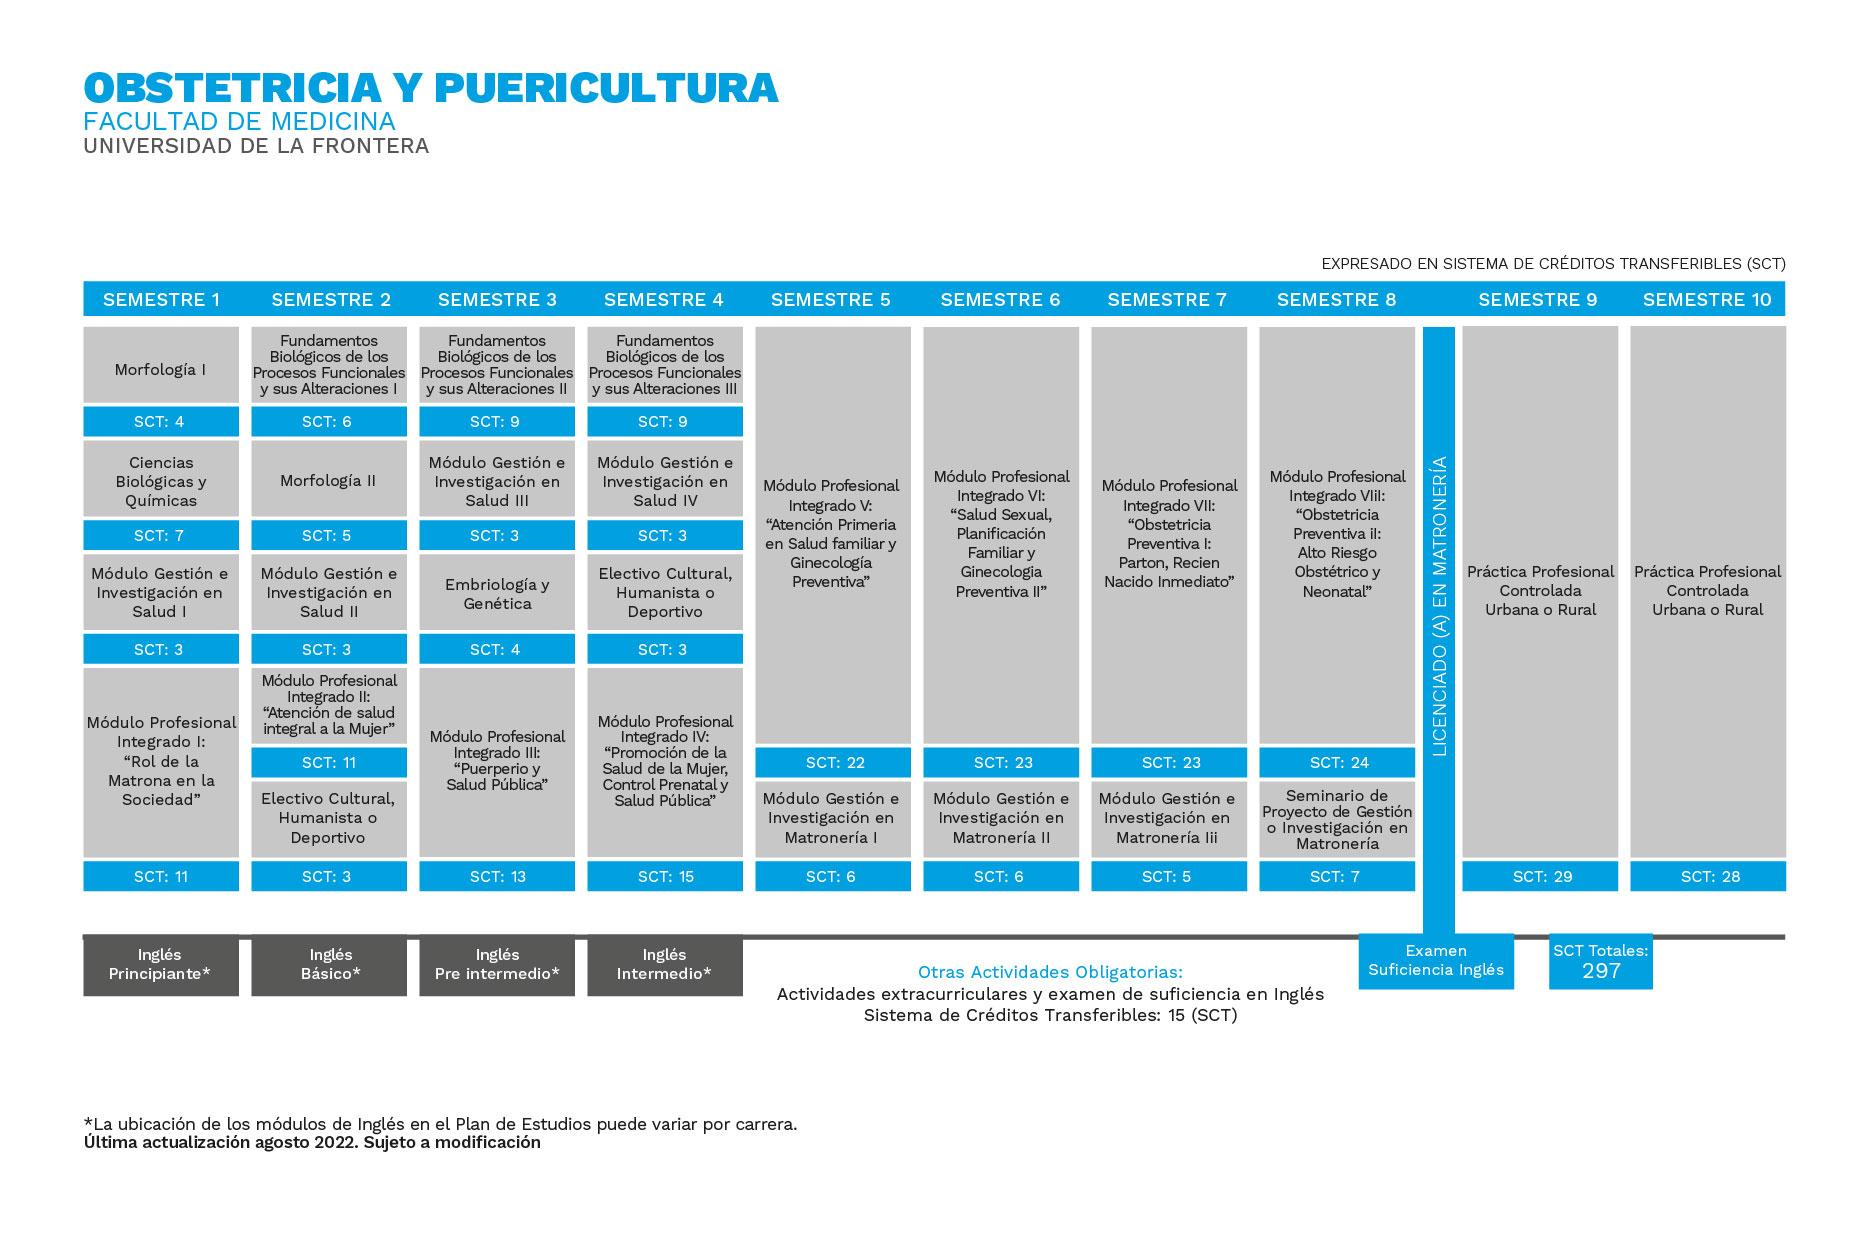 Plan de Estudios Obstetricia y Puericultura Universidad de La Frontera